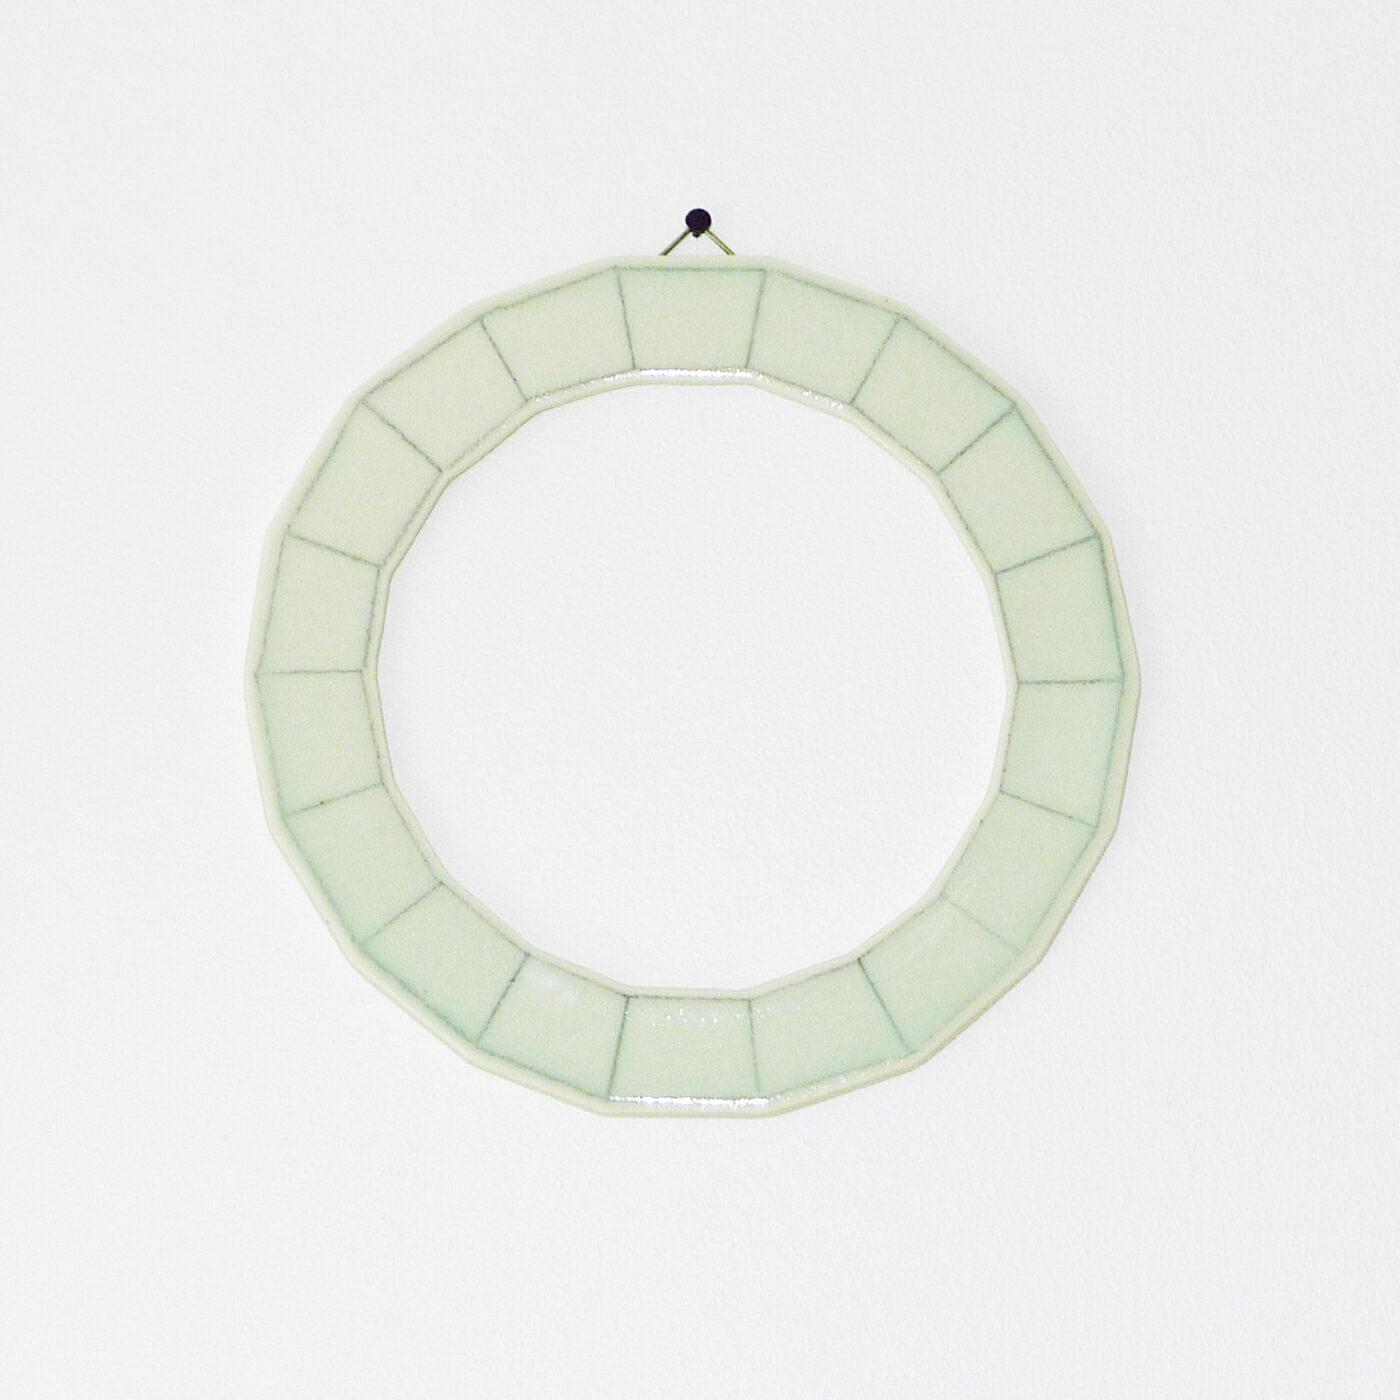 Keramiker Marianne Nielsen - Kontrast, Ring, 2010